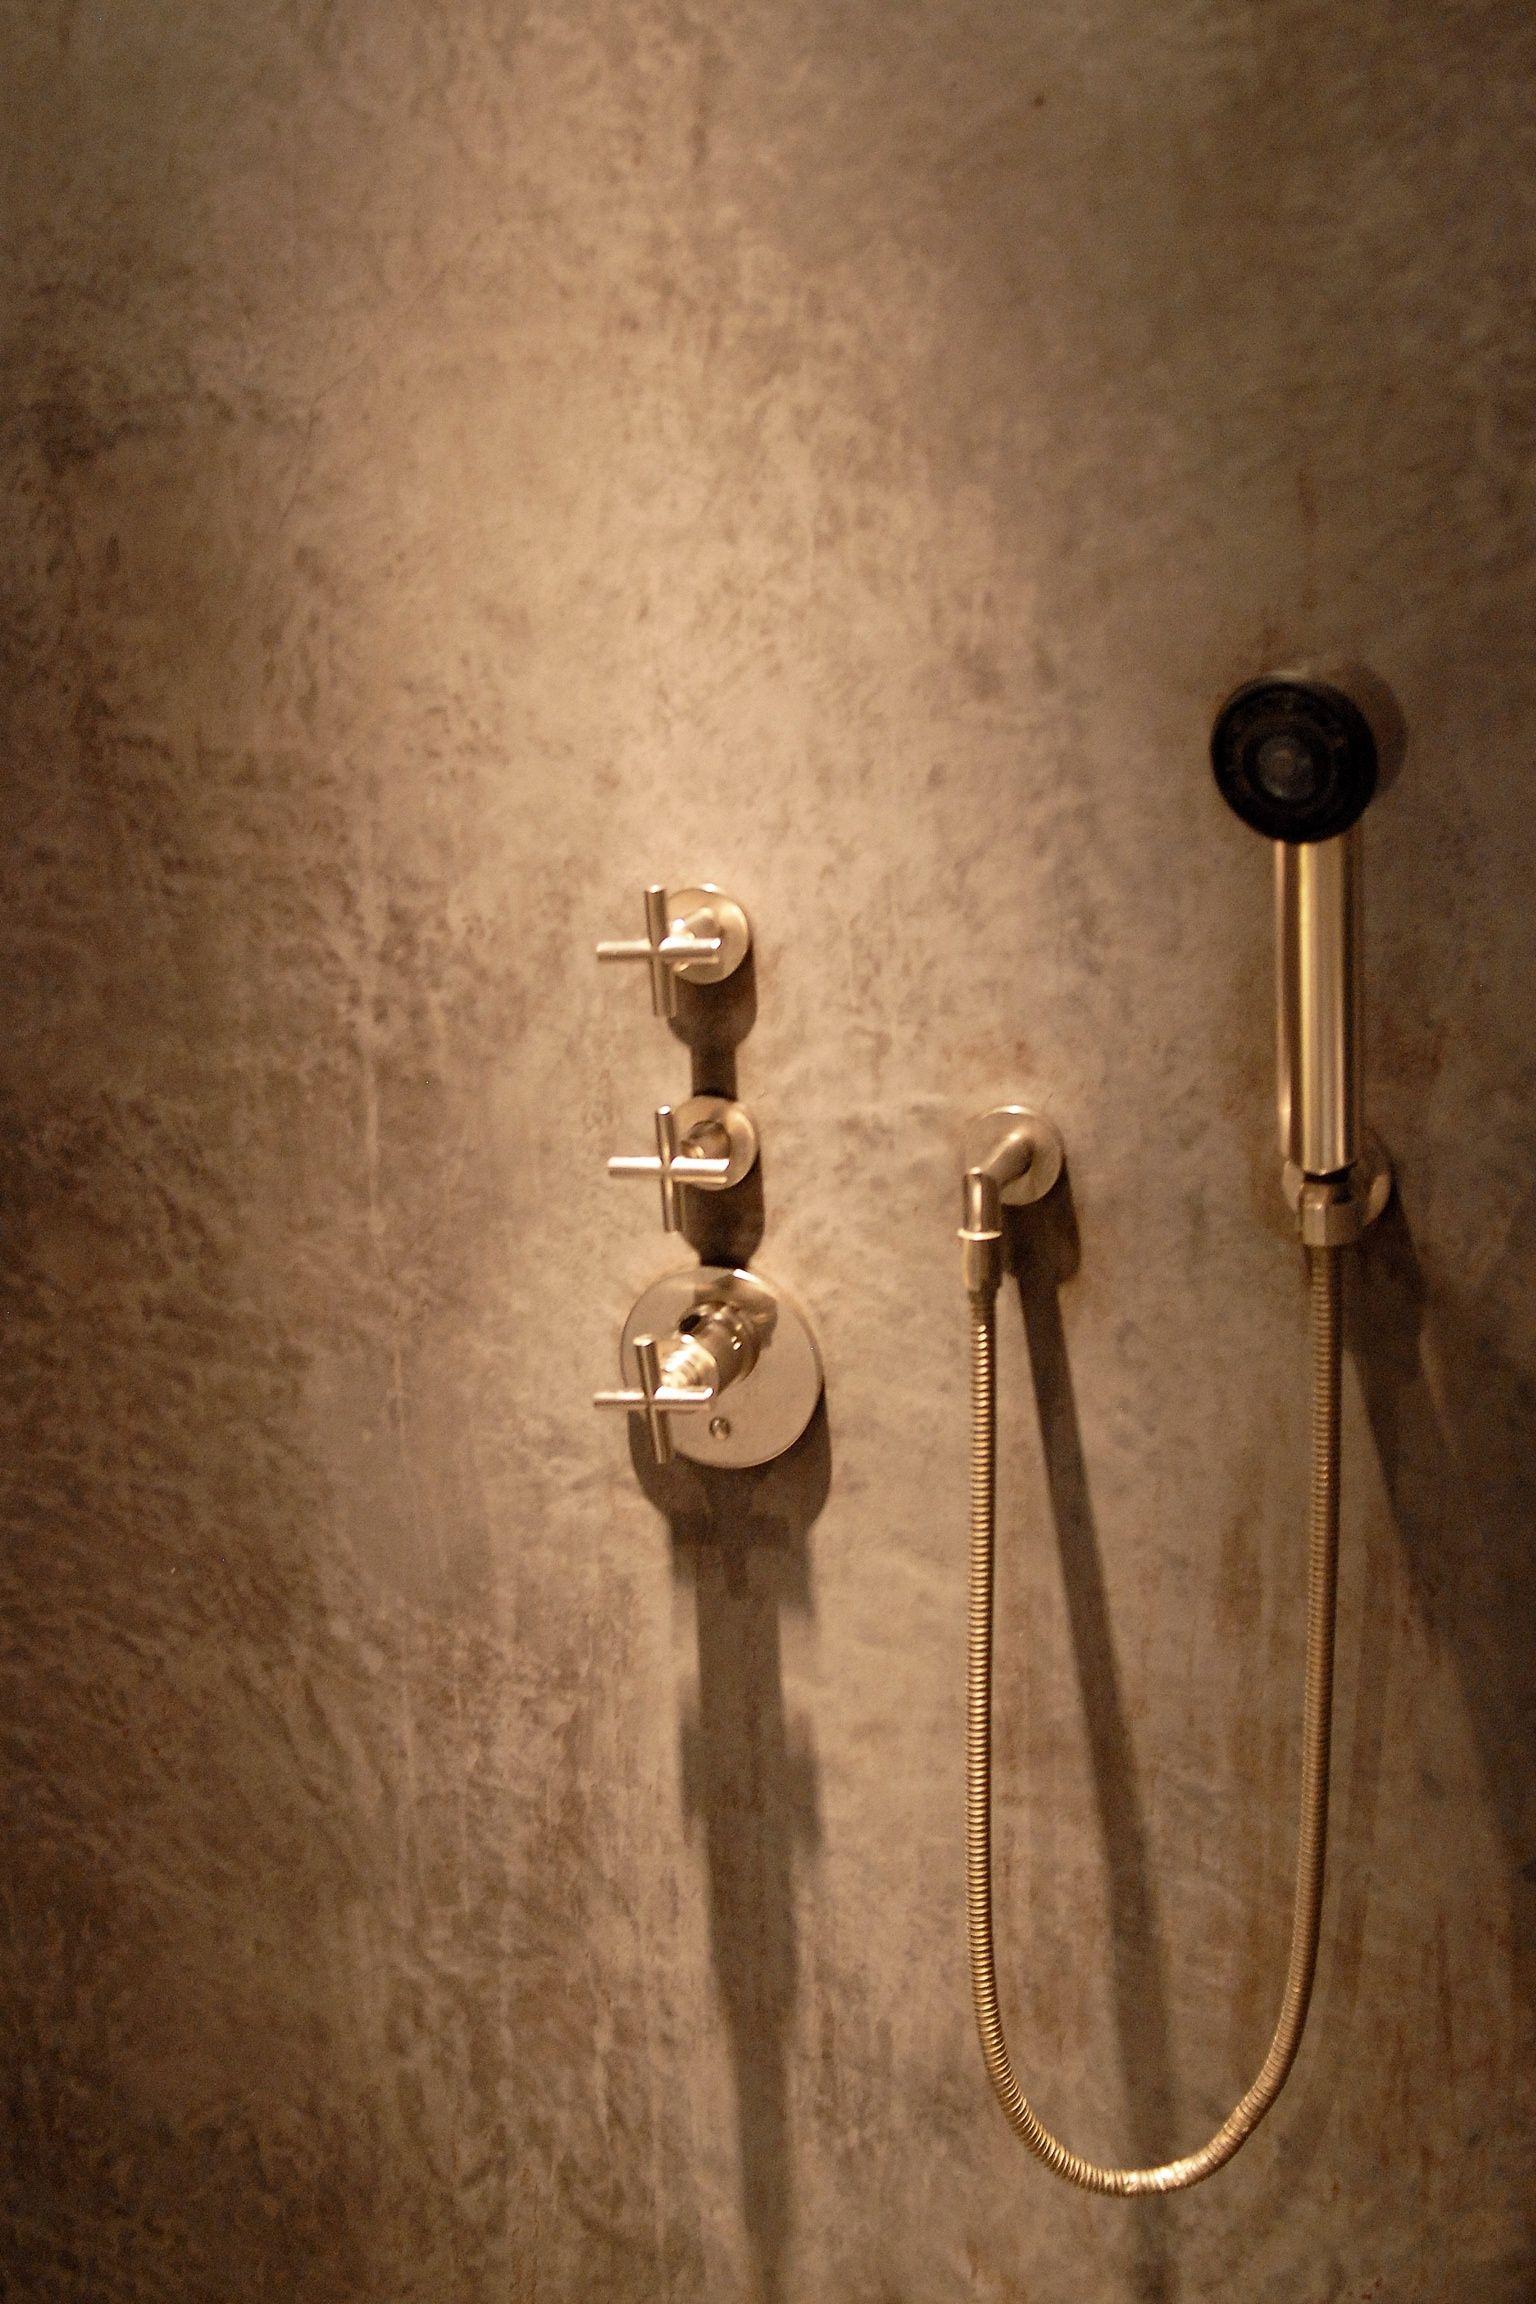 betonlook in de badkamer sterk en krasvast waterdicht ook voor